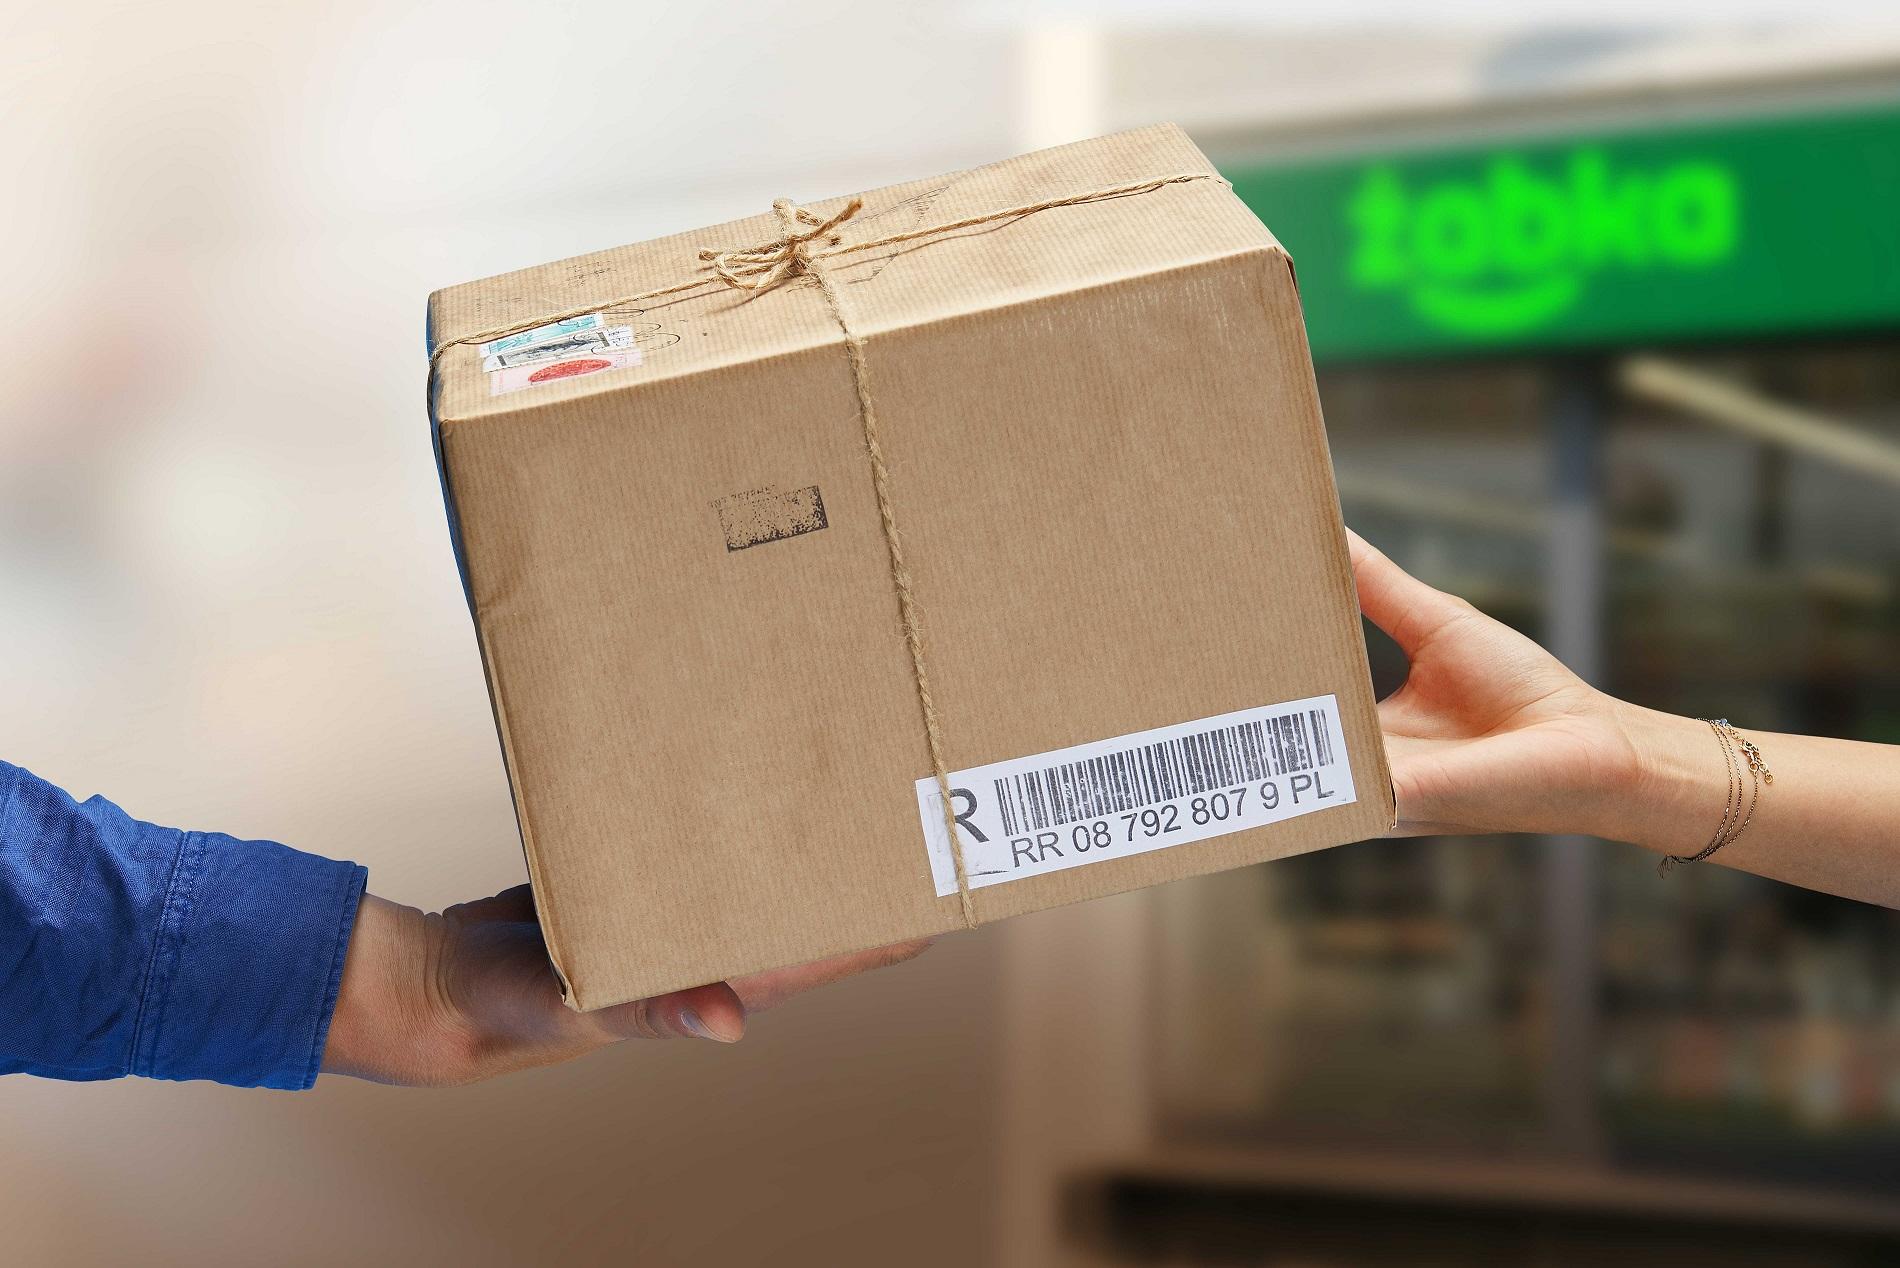 Żappka Post – nowa usługa w aplikacji mobilnej Żabki pozwala śledzić zamówioną przesyłkę i ułatwia jej odbiór